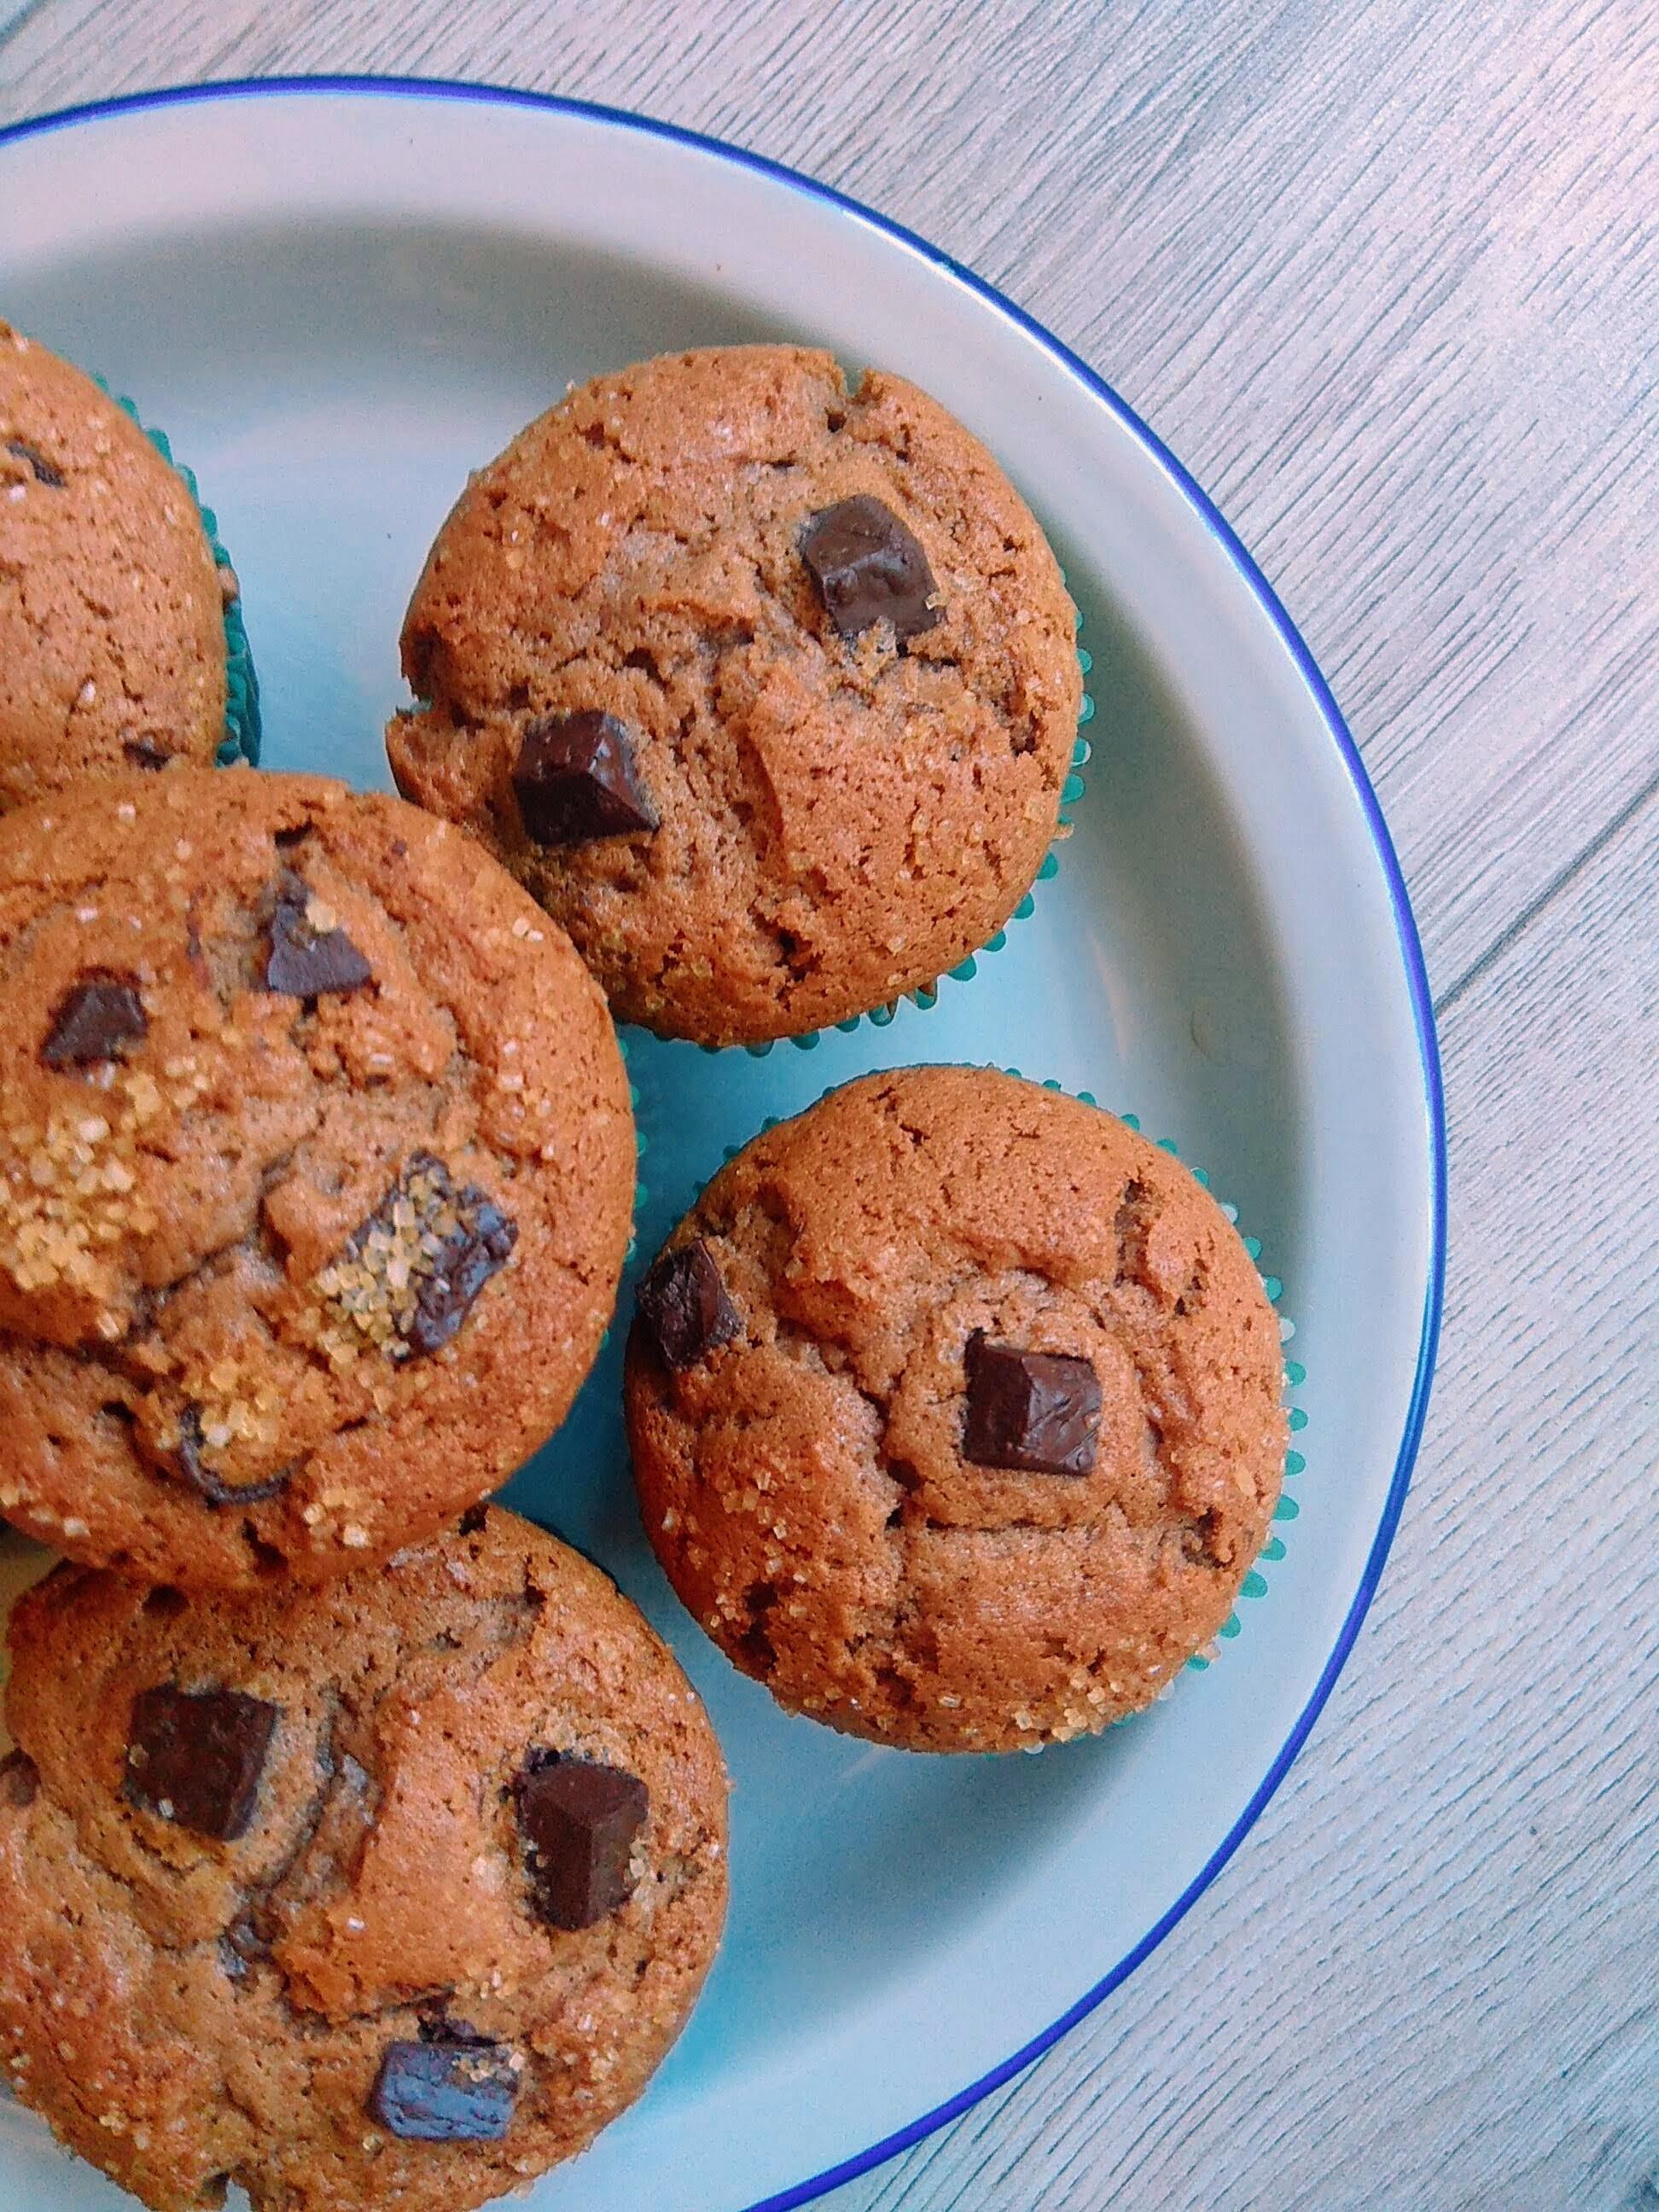 Recta fácil de magdalenas de chocolate y café. Descúbrela en: www.cocinandoconlola.com